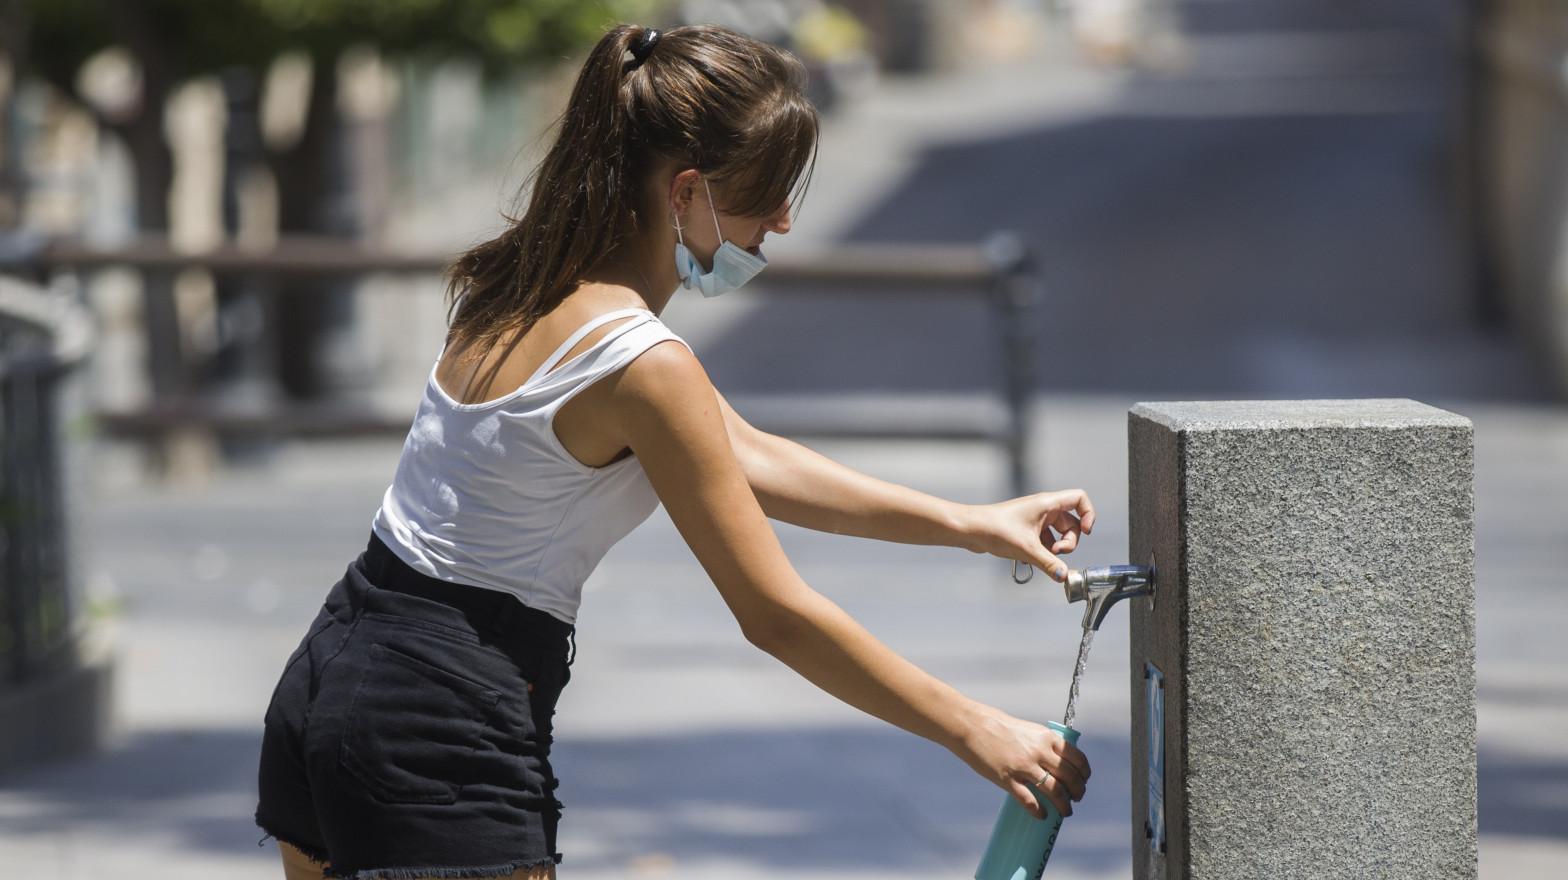 Las temperaturas comienzan a subir hasta llegar a los 44ºC en el sur el domingo